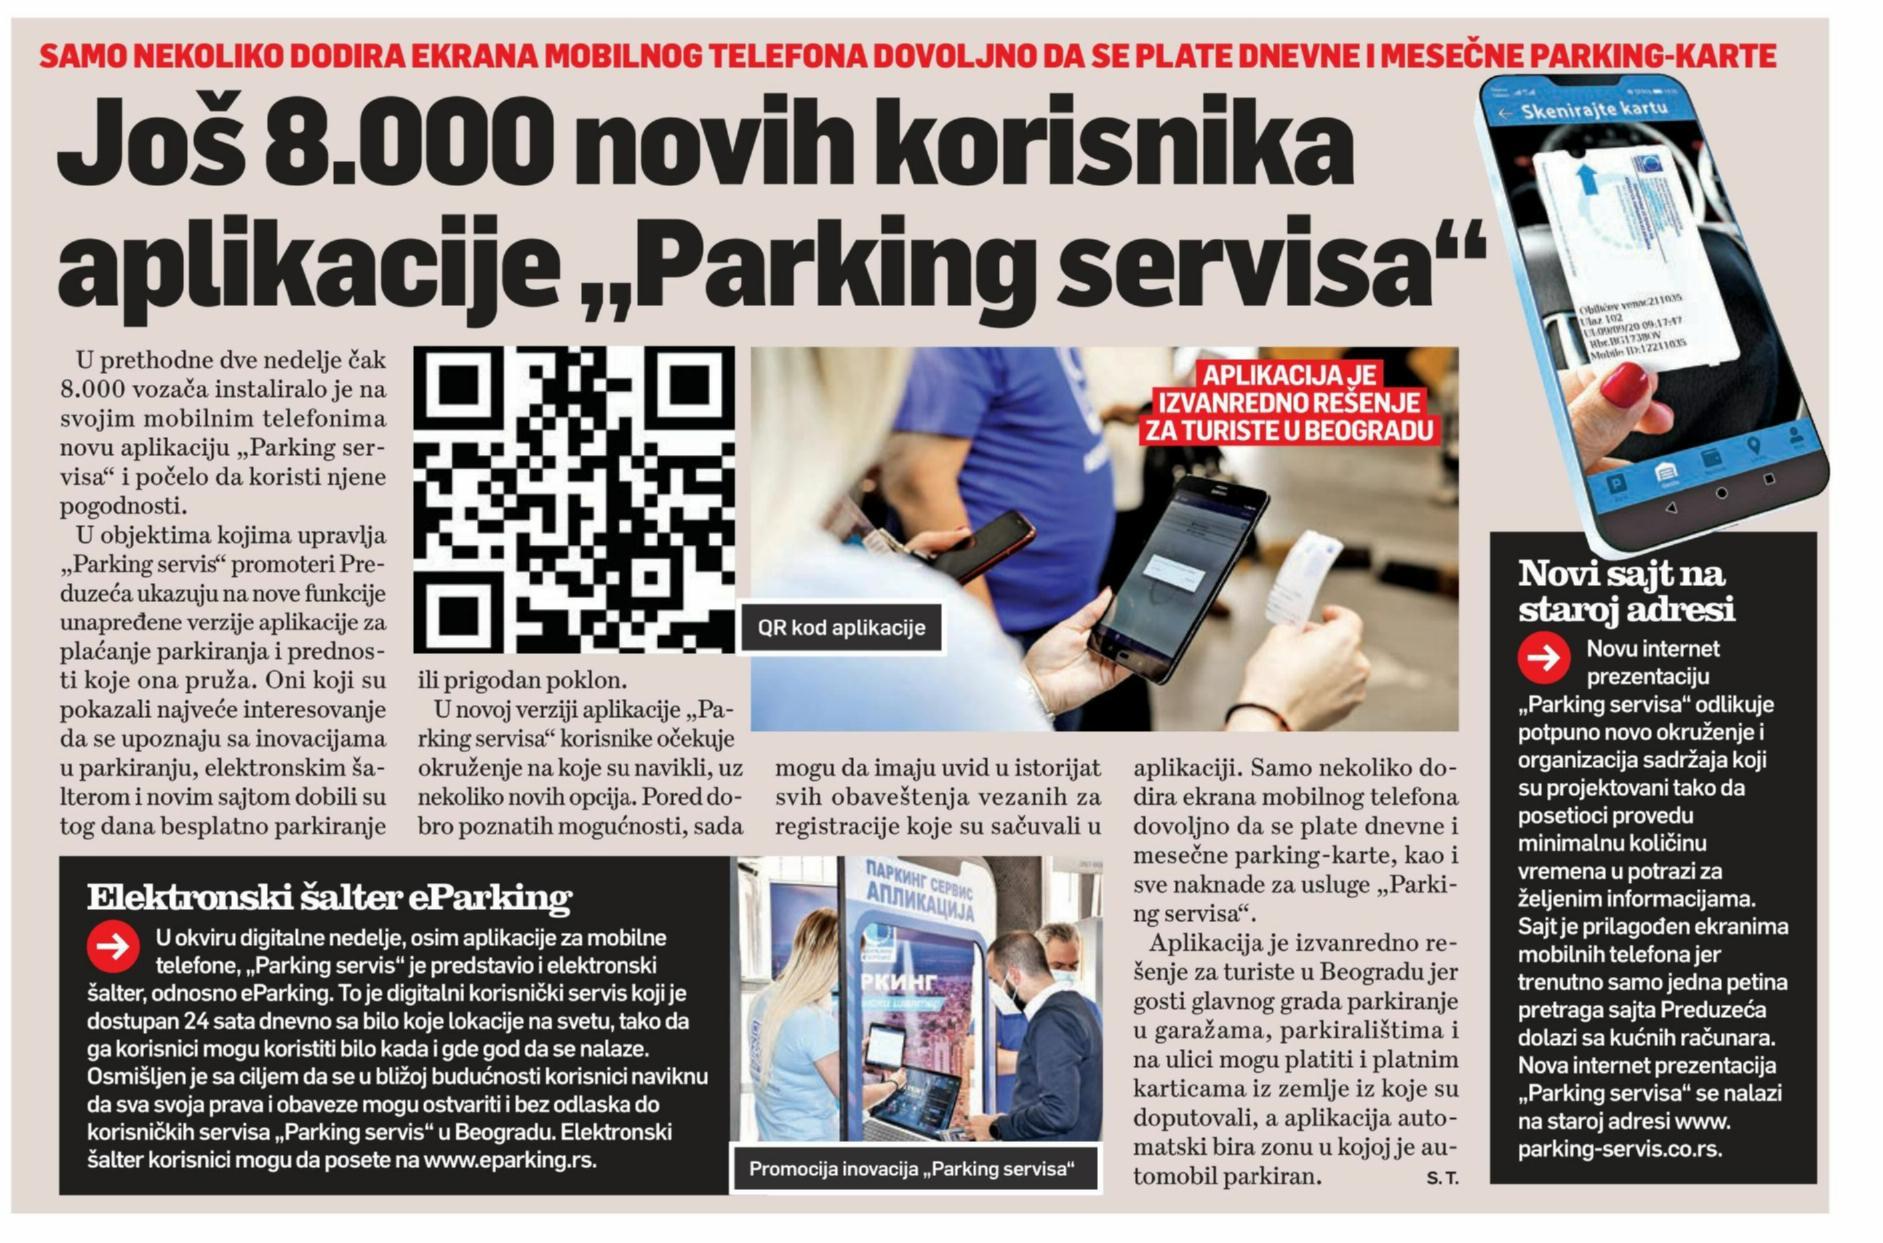 jos-8000-novix-korisnika-aplikacije-parking-servisa-srpski-telegraf-21052021-0